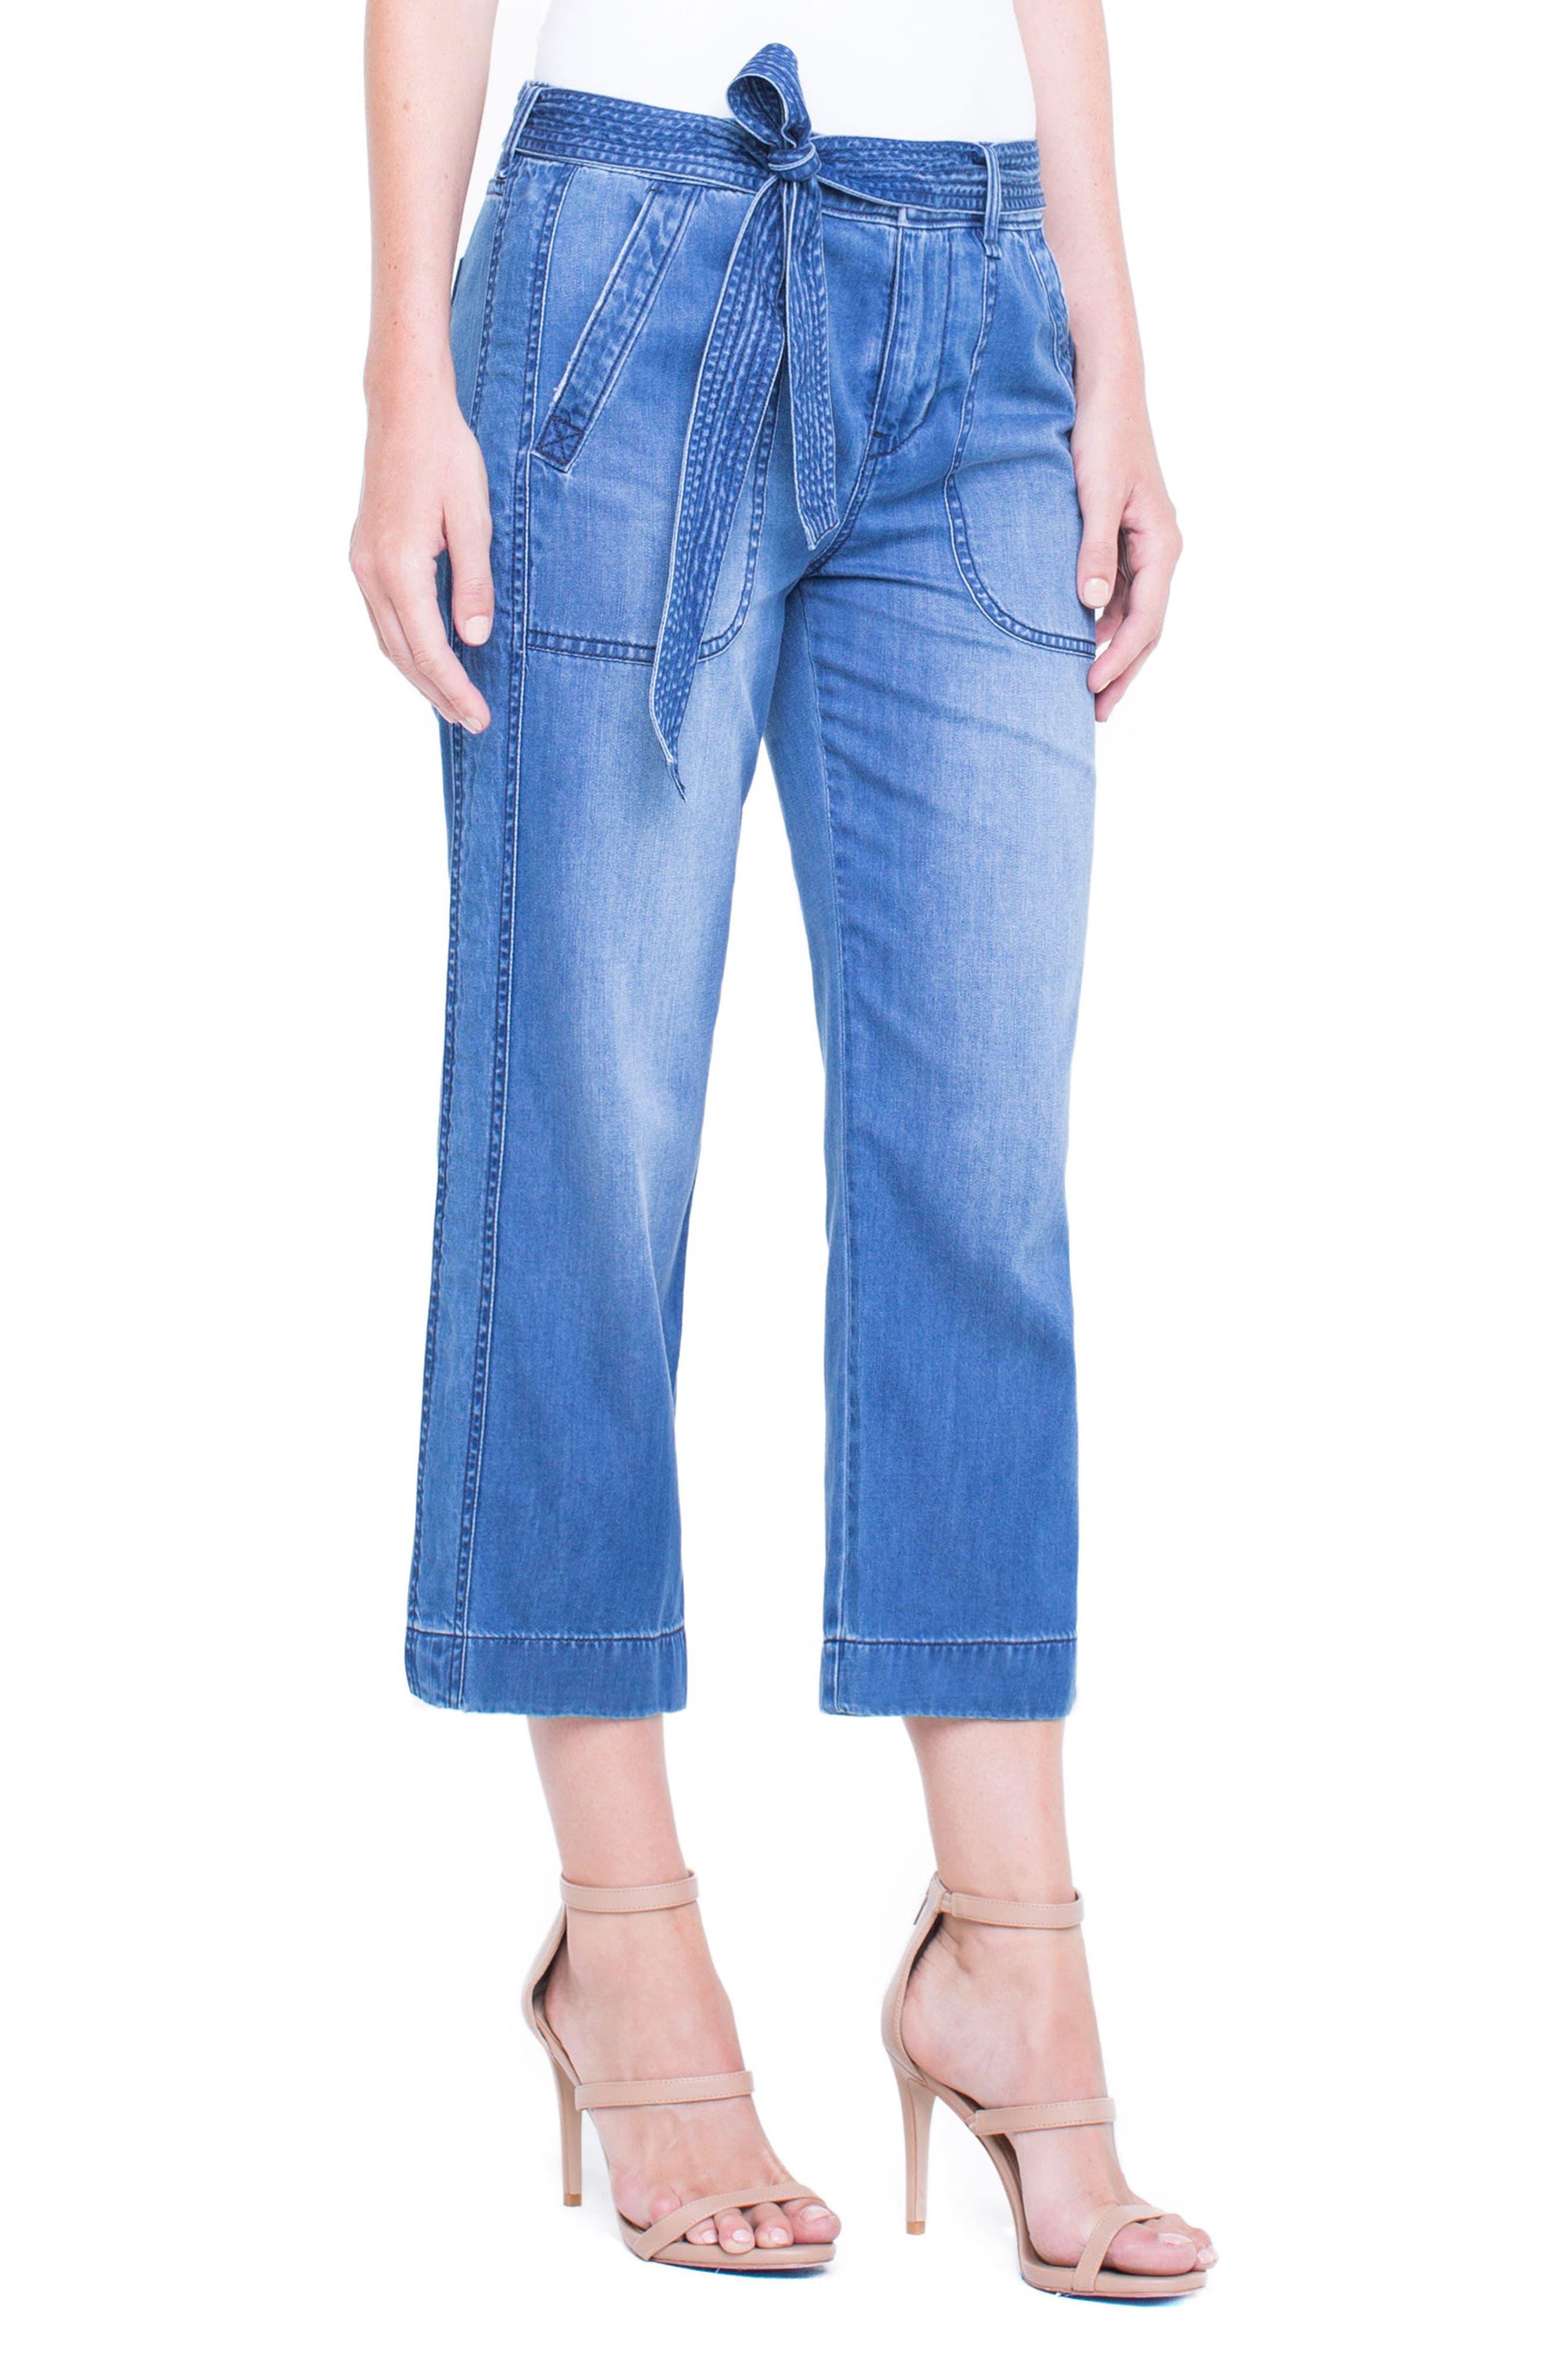 Norah Capri Jeans,                             Alternate thumbnail 4, color,                             408